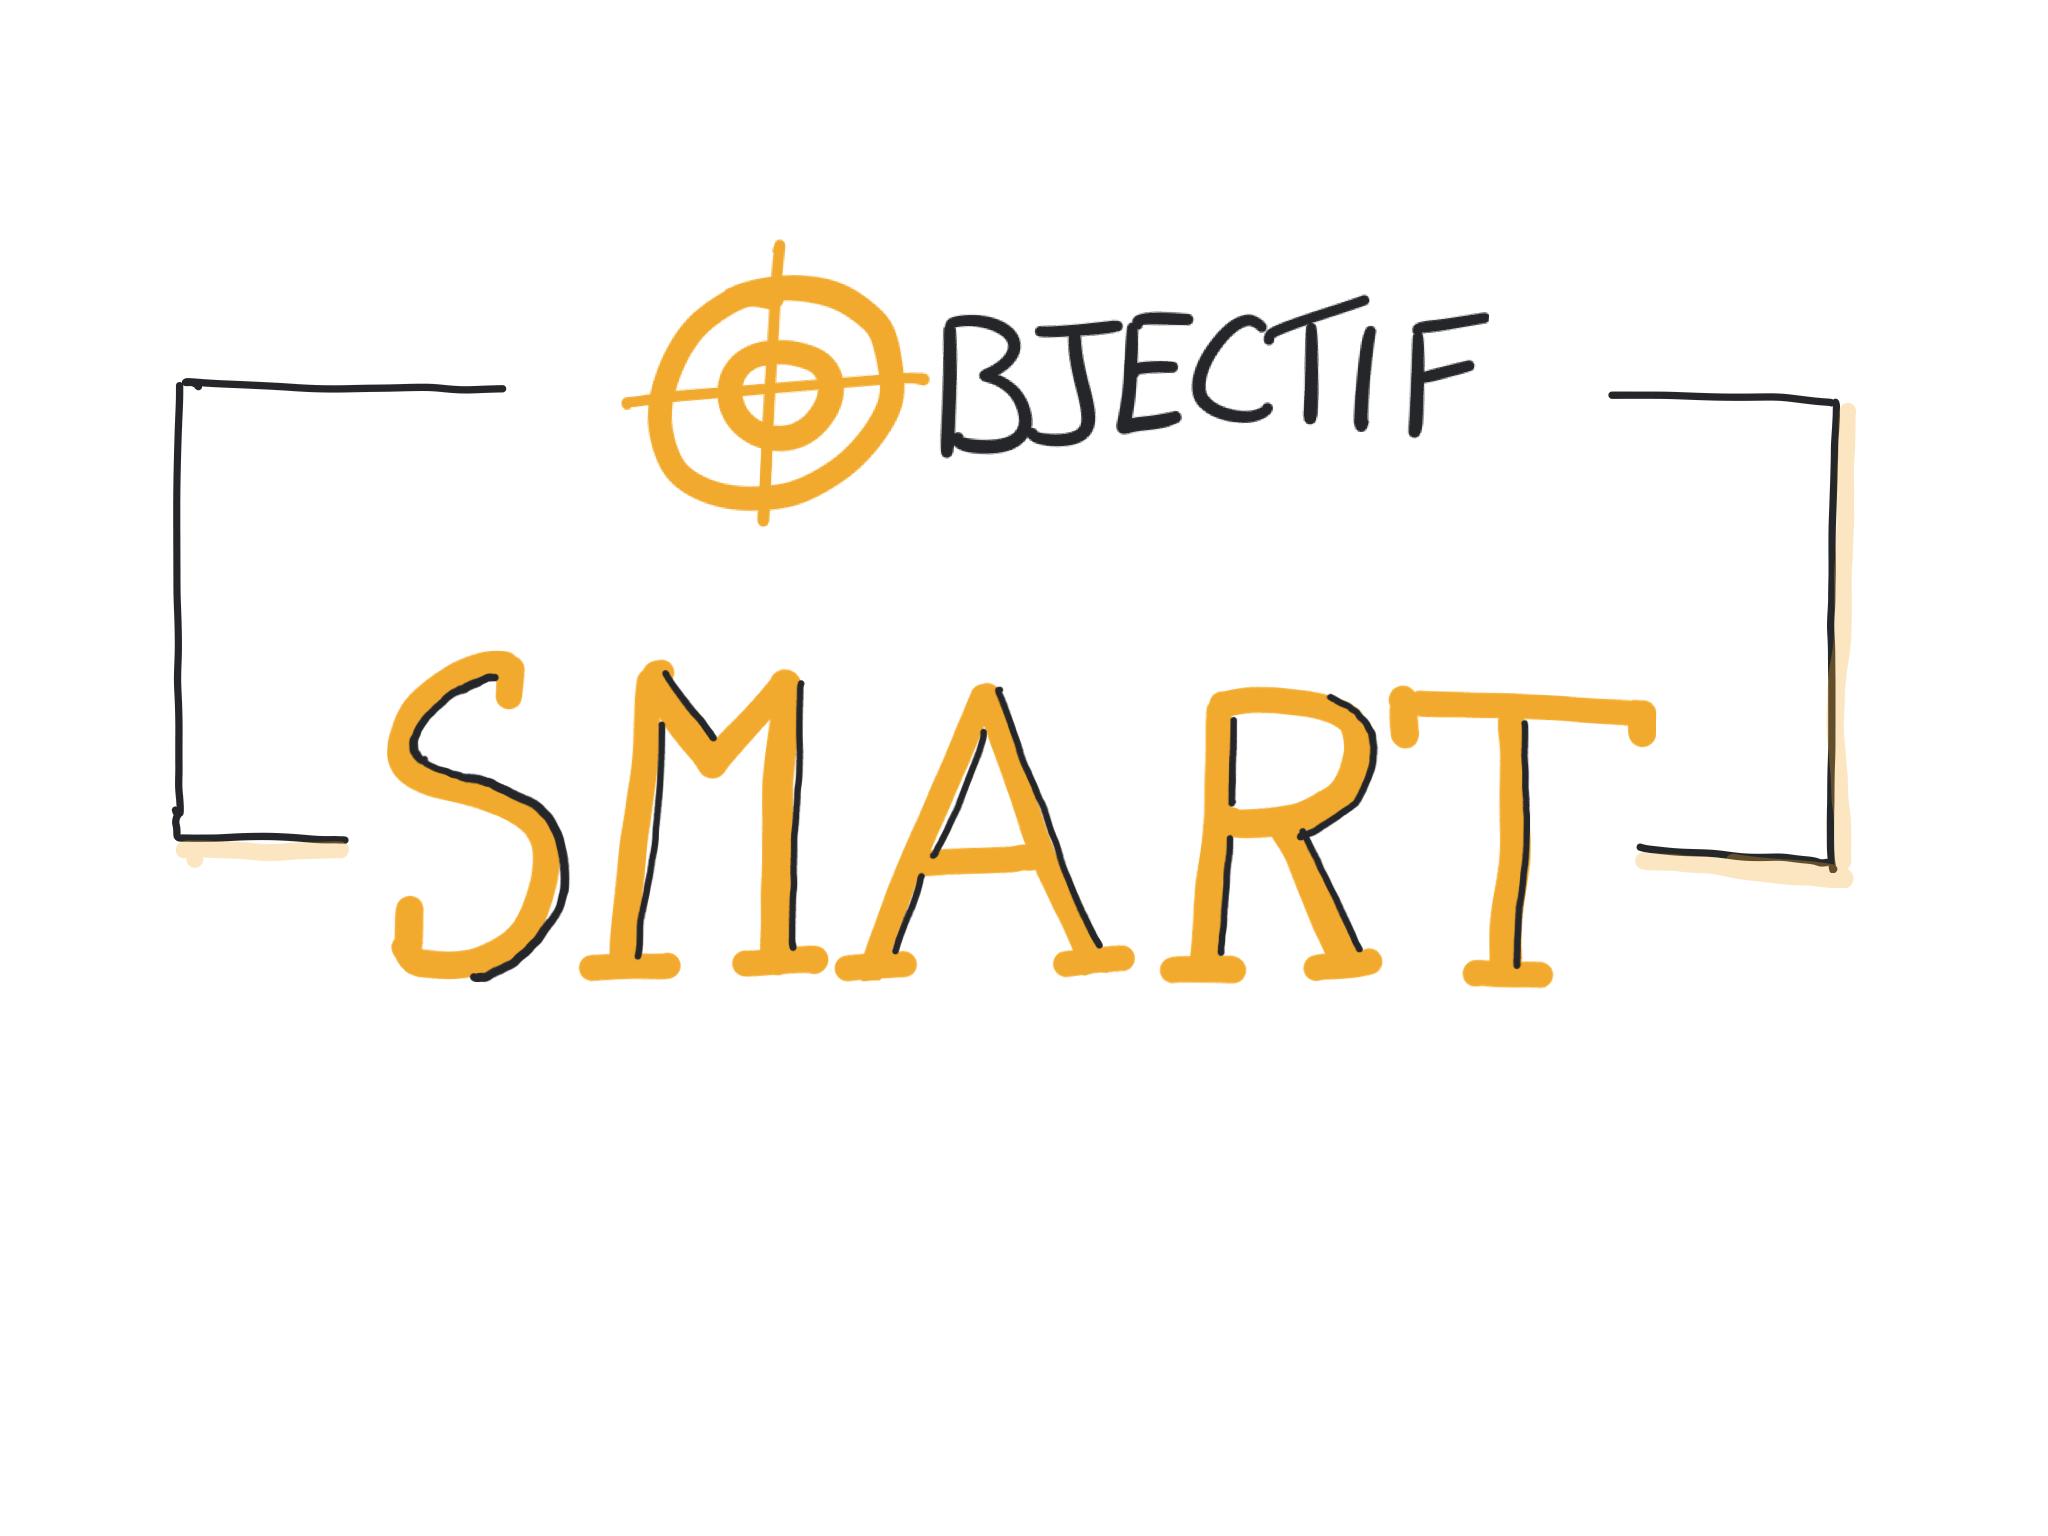 comment se fixer des objectifs coh u00e9rents et efficaces   la m u00e9thode smart  u2212 le blog    u2212 apprendre